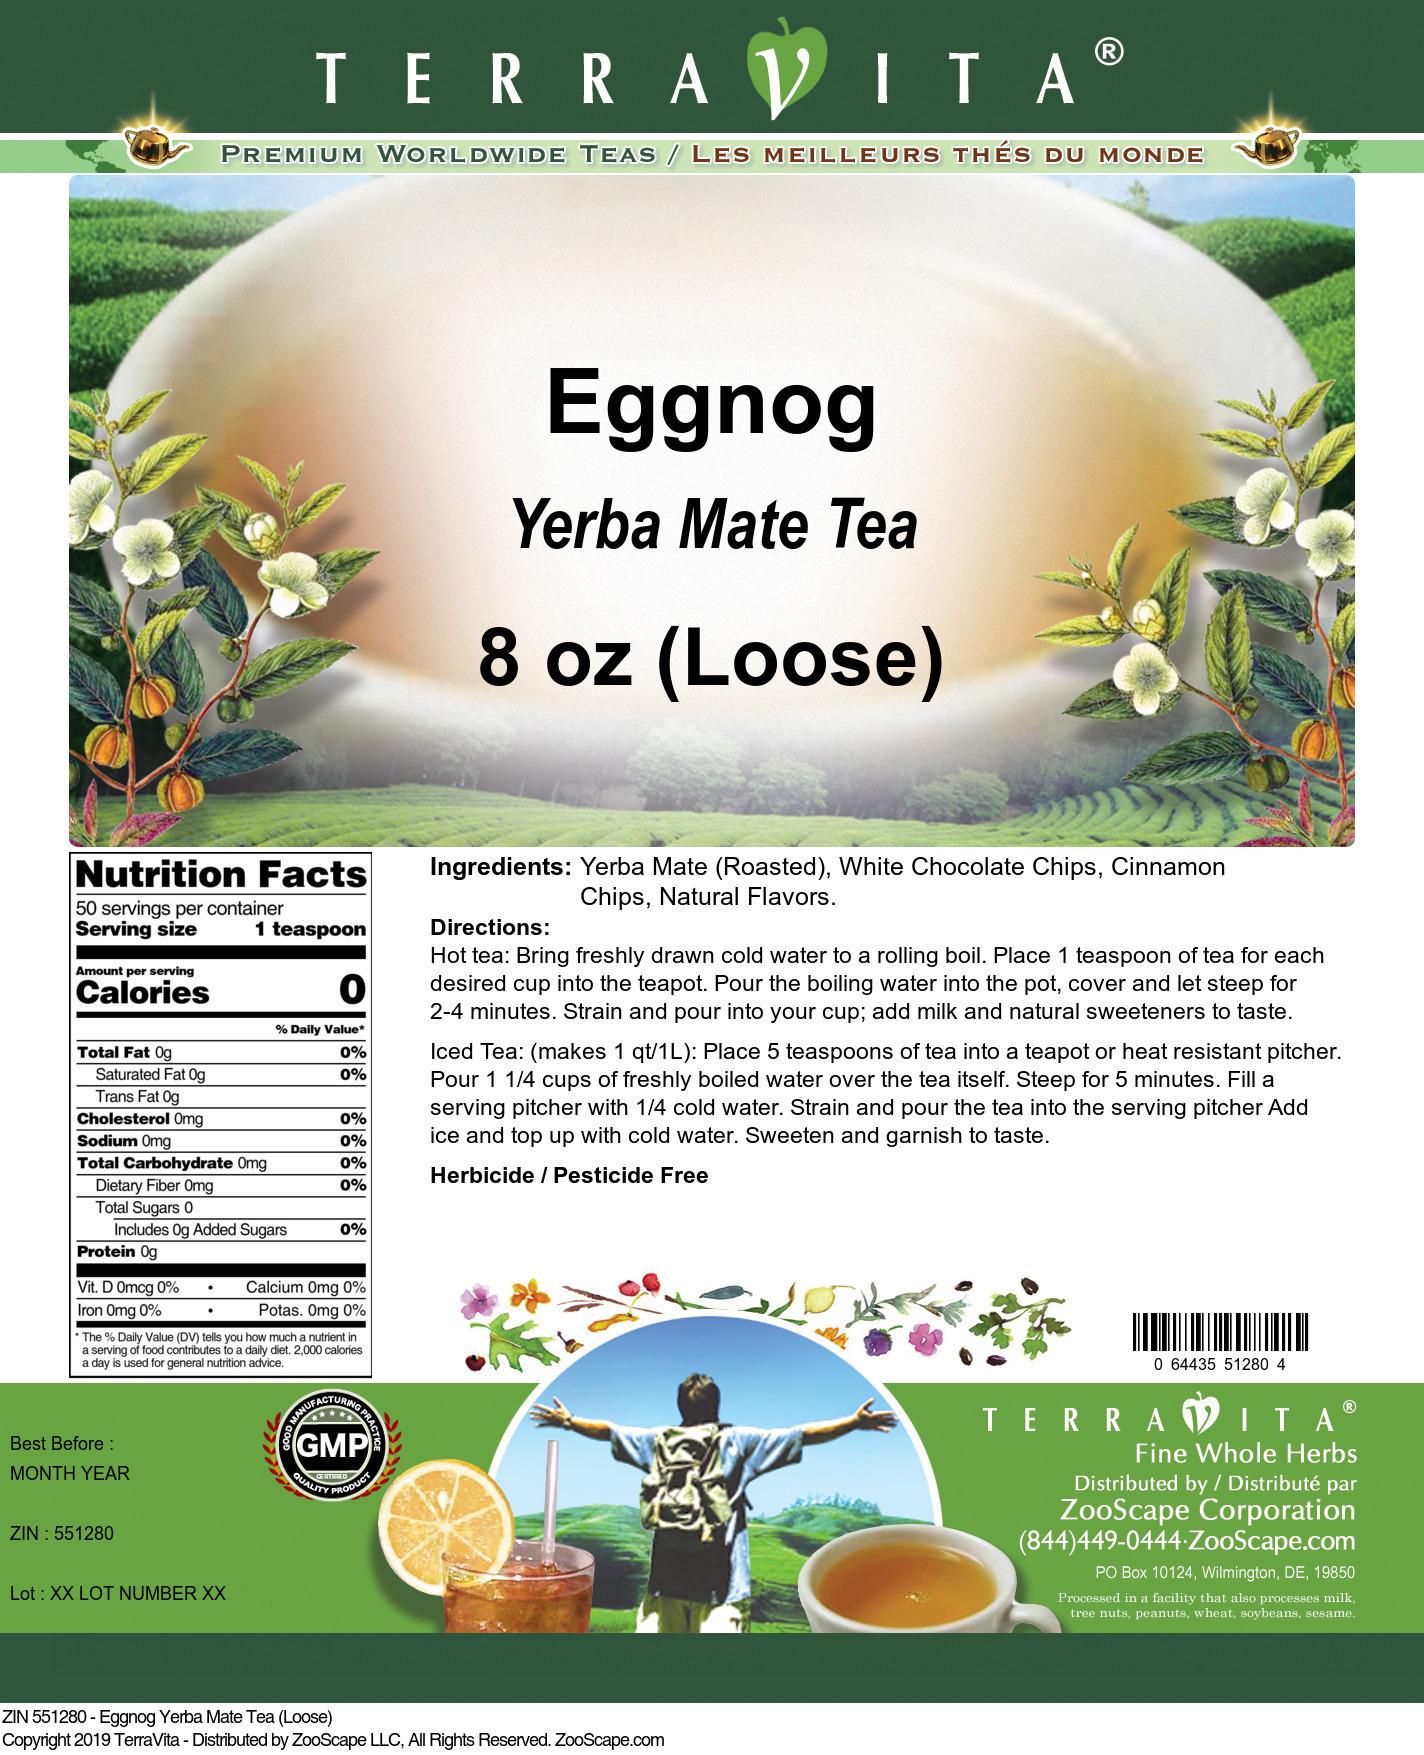 Eggnog Yerba Mate Tea (Loose)